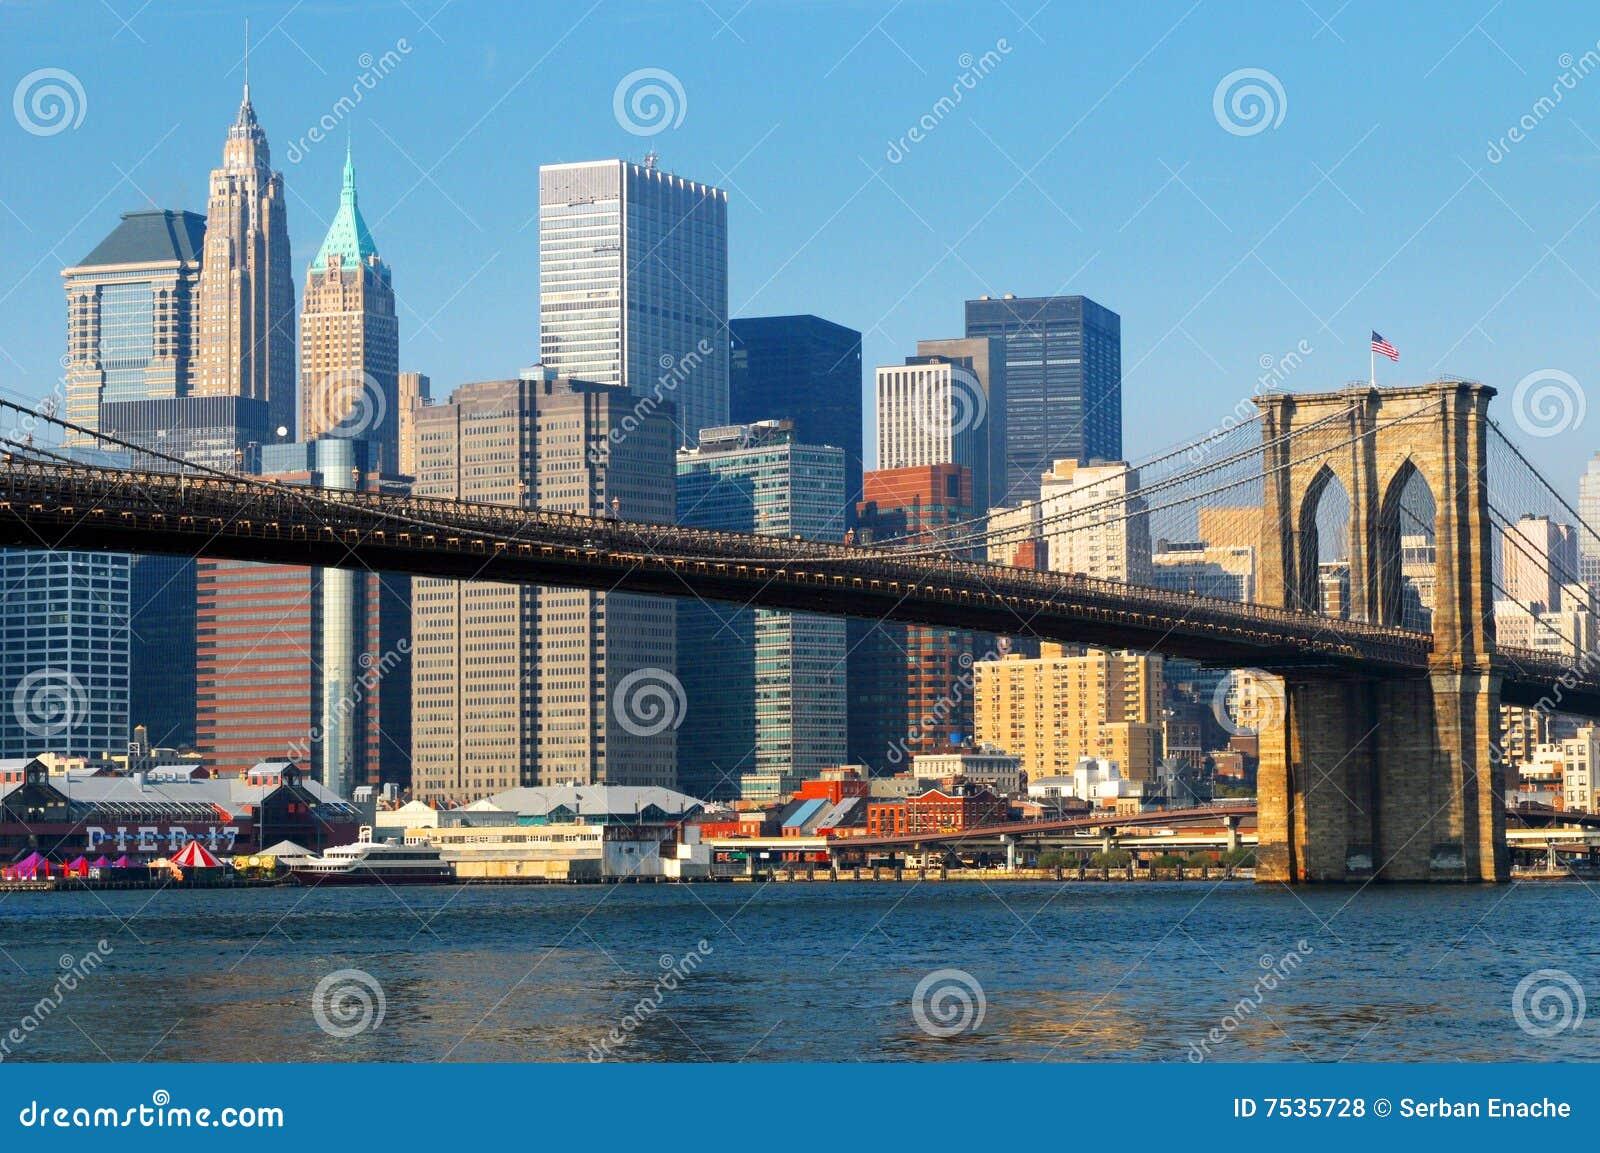 Puente de Brooklyn New York City